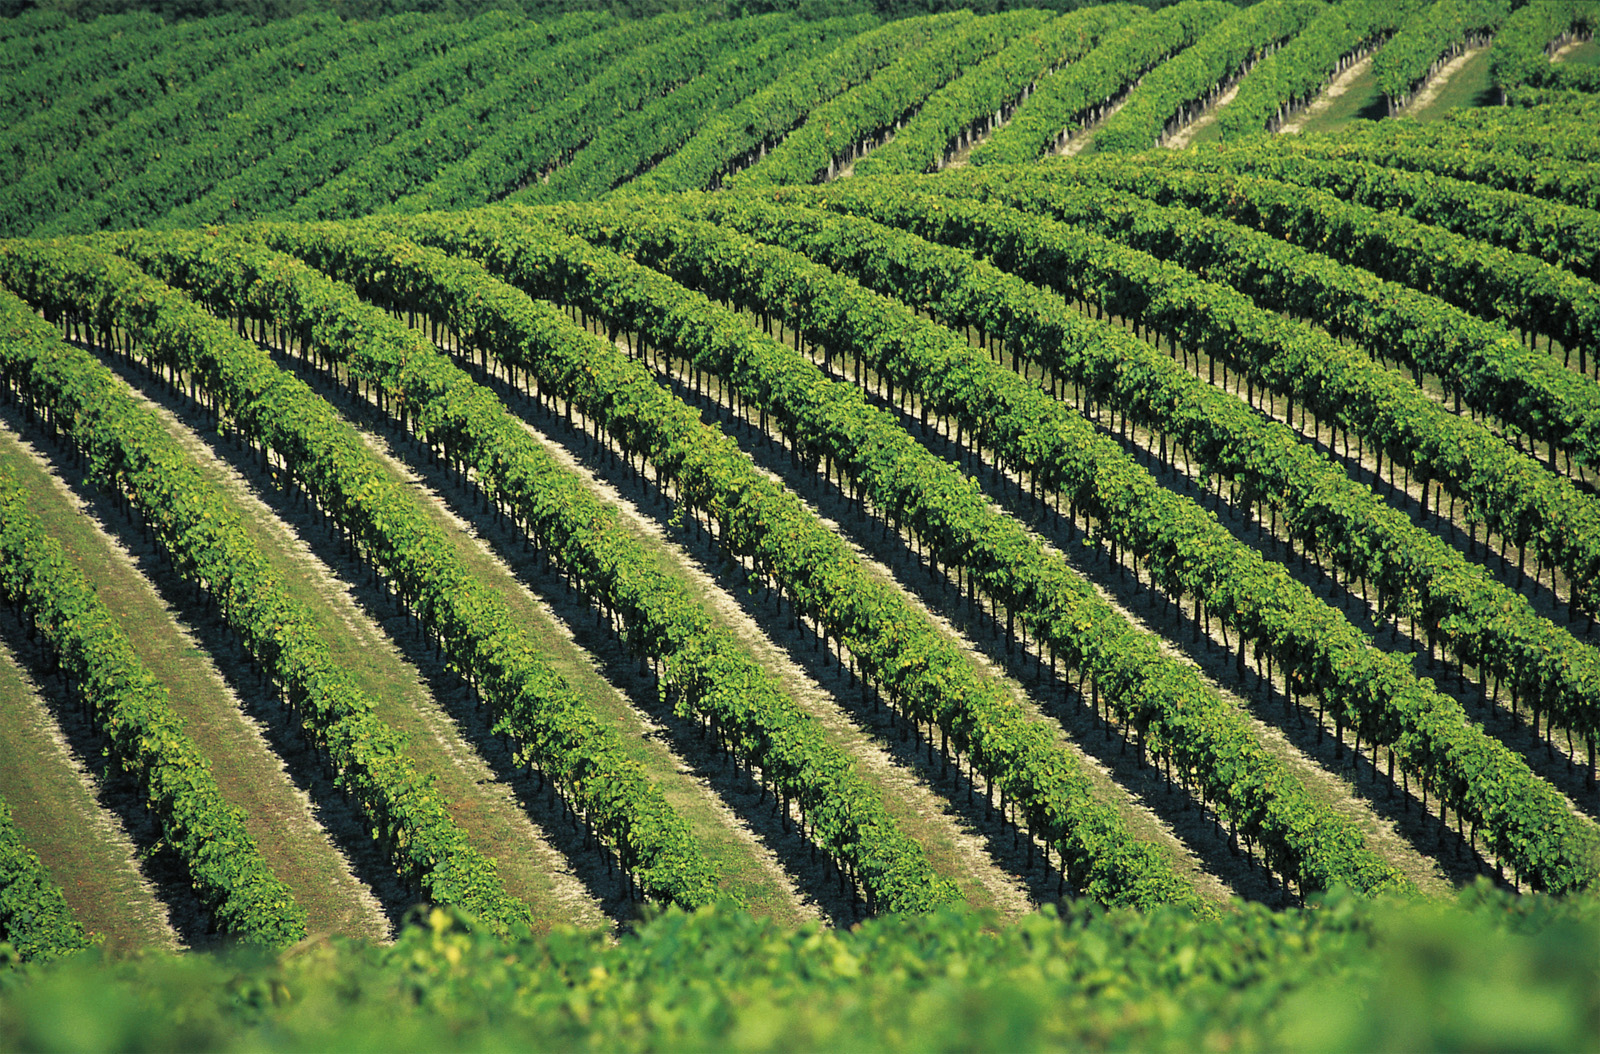 Vignes-roudeyinternational